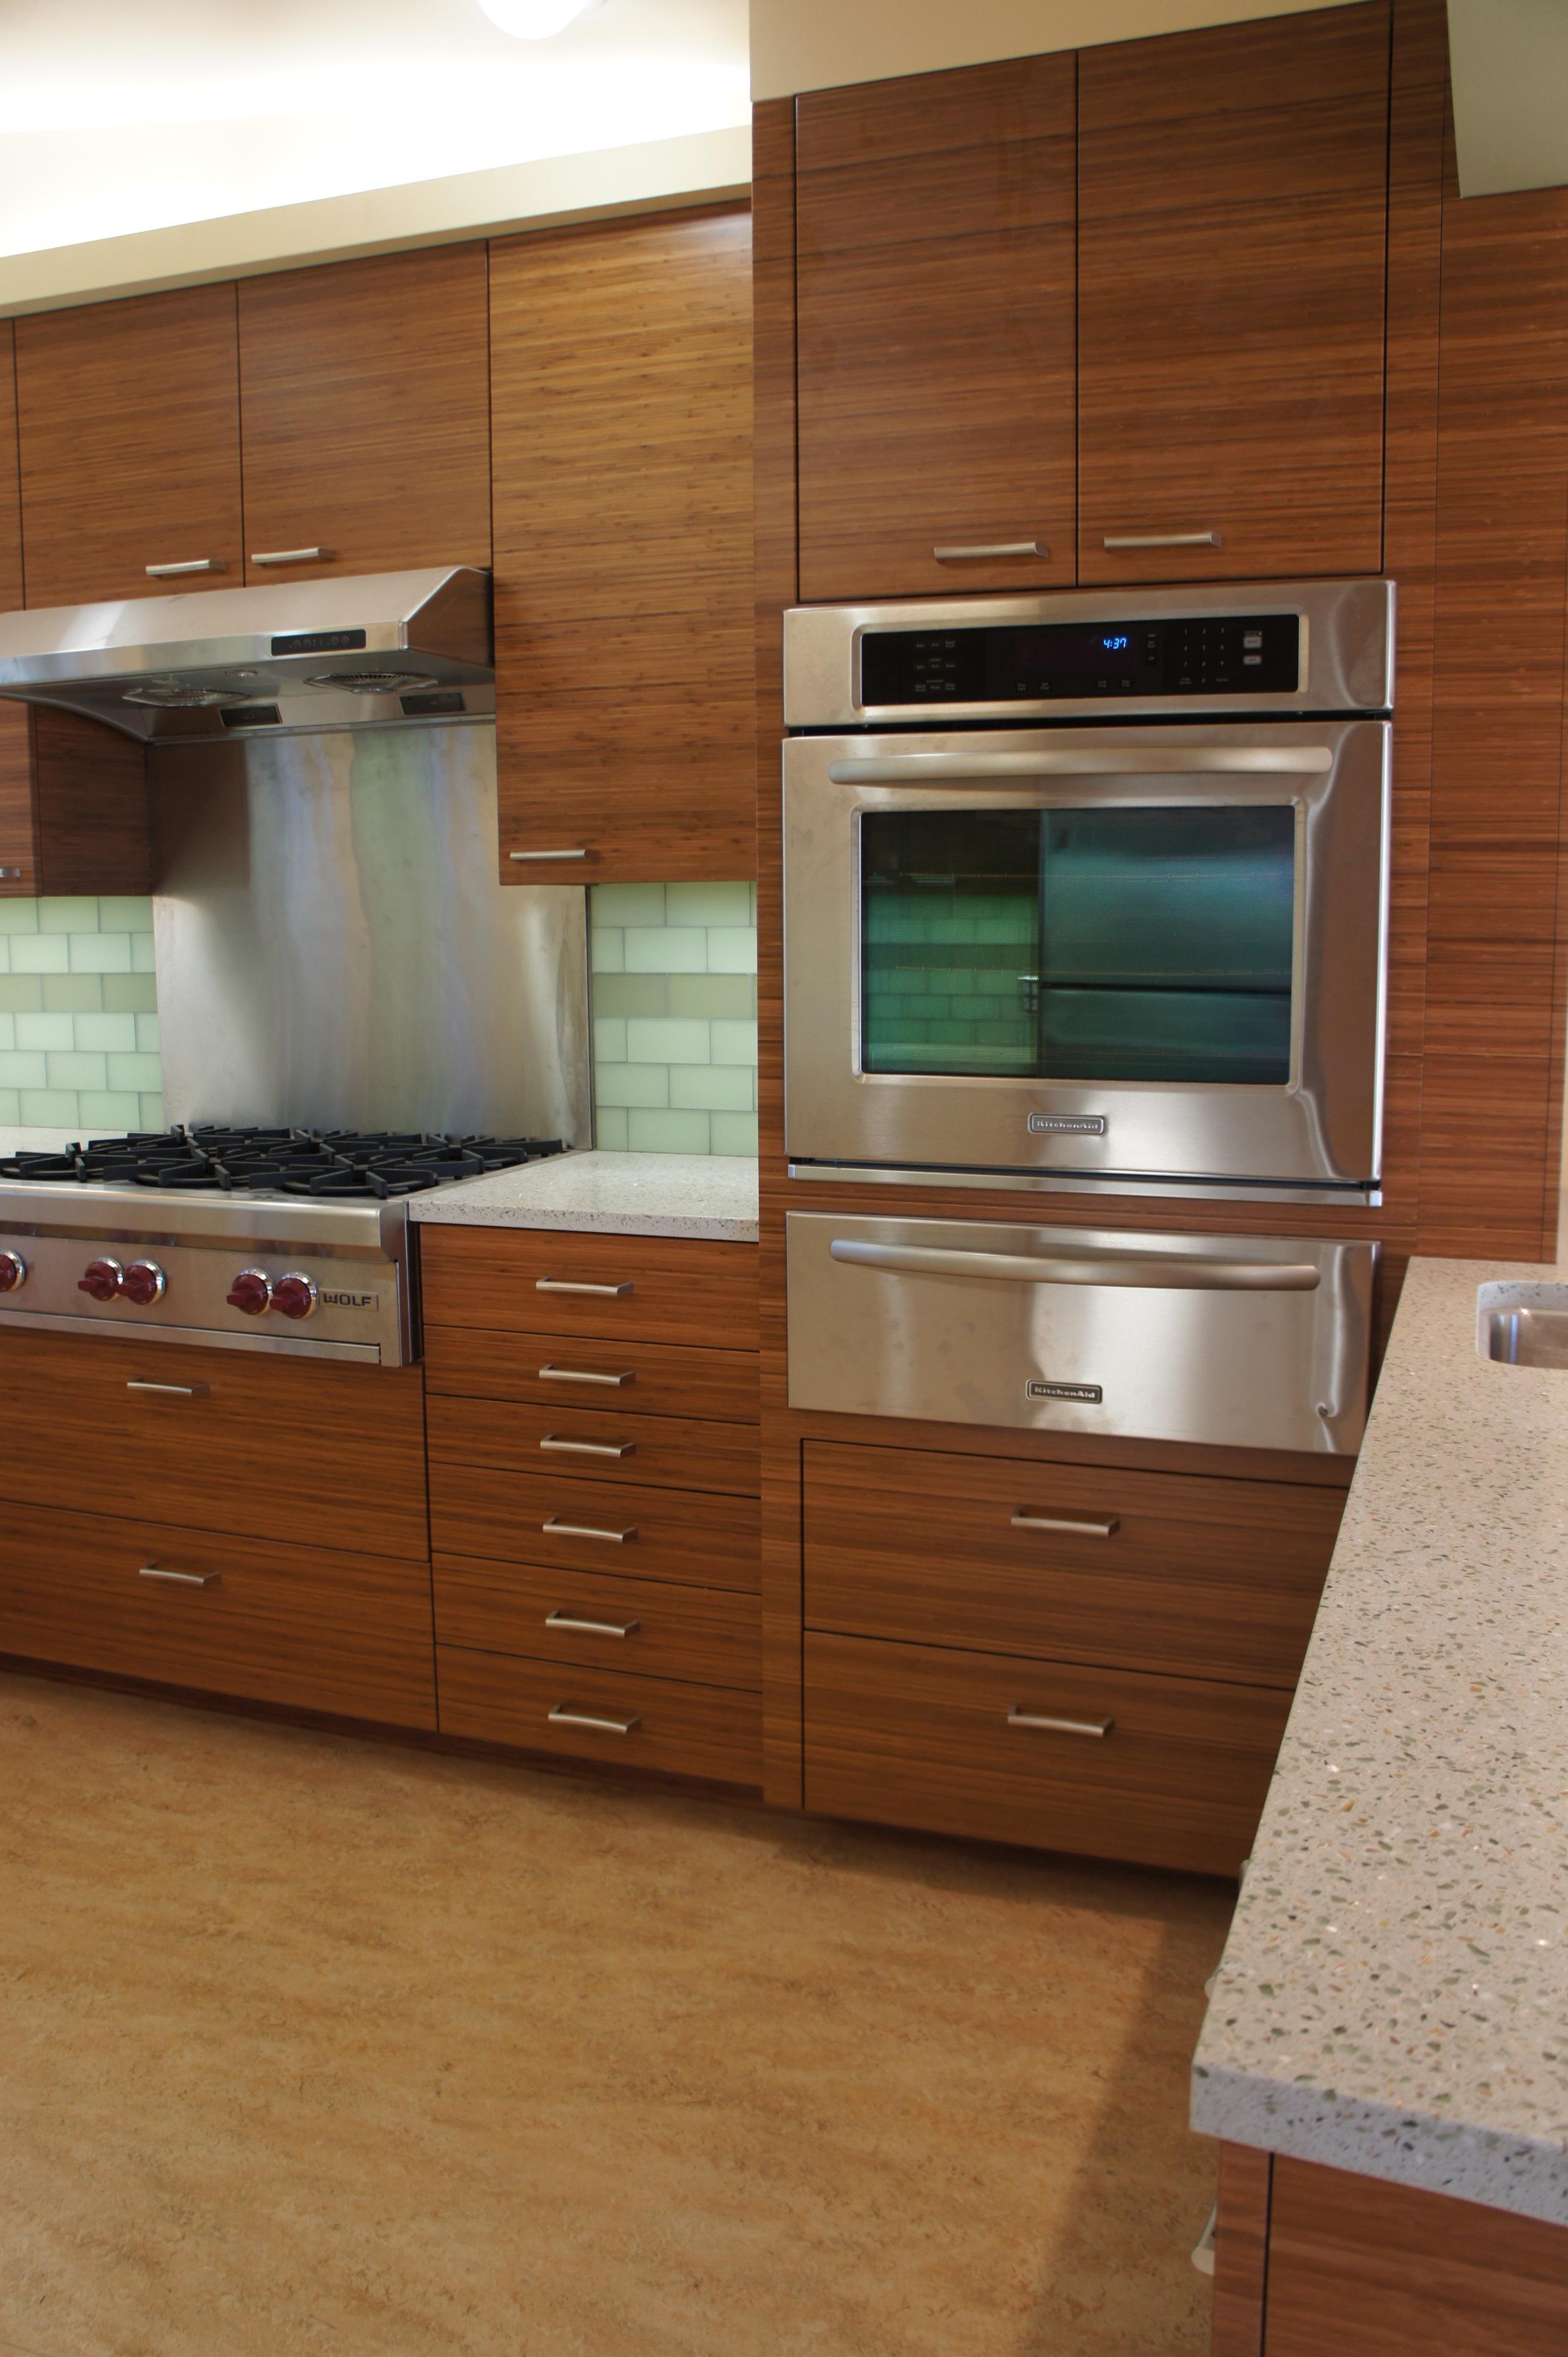 range & oven.JPG